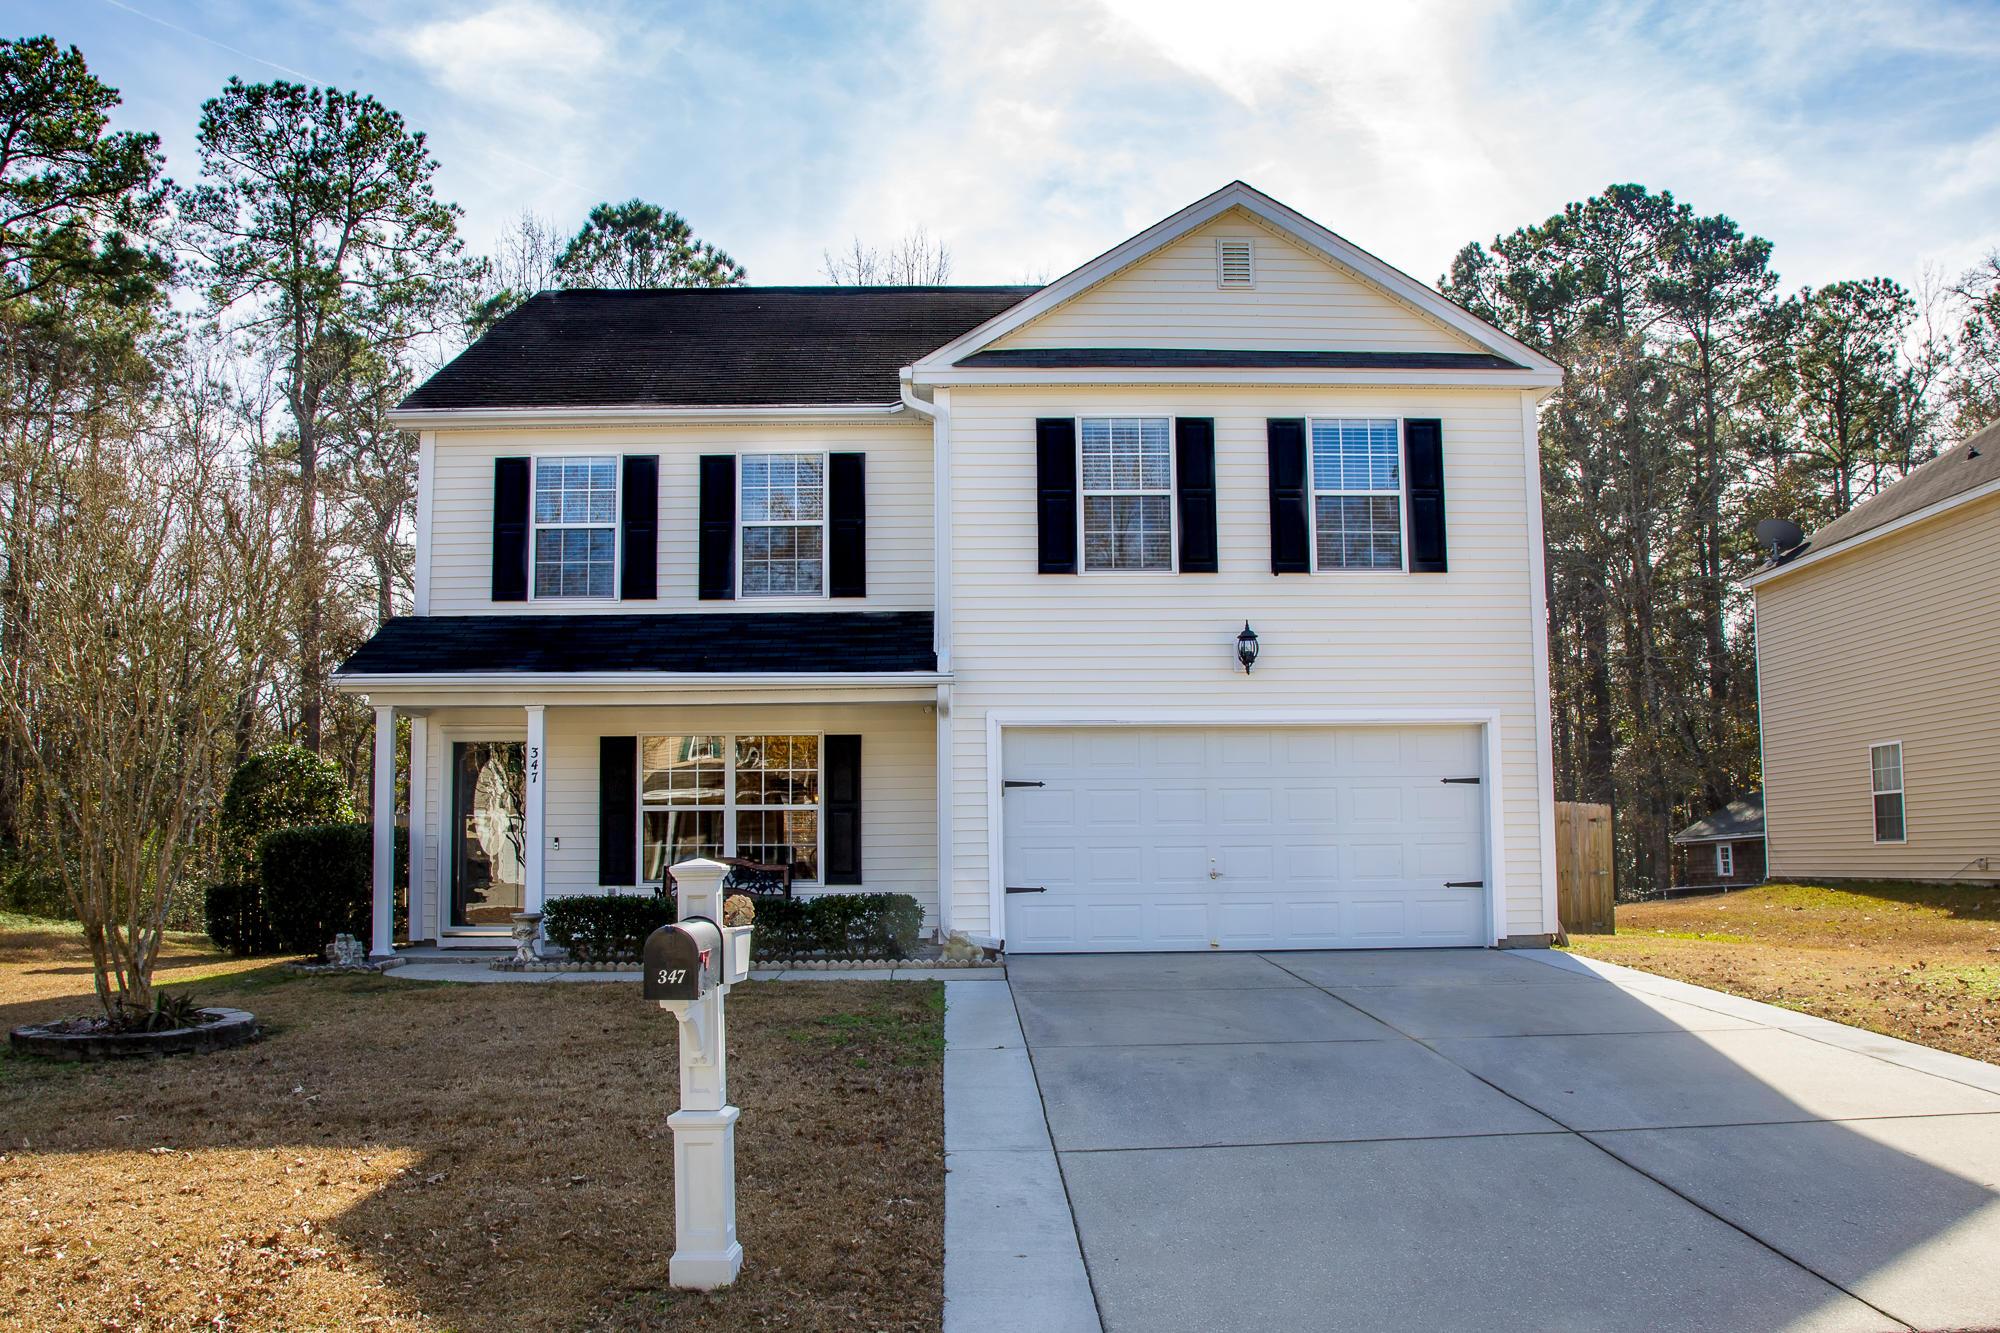 Hawthorne Place Homes For Sale - 347 Cohen, Ladson, SC - 10